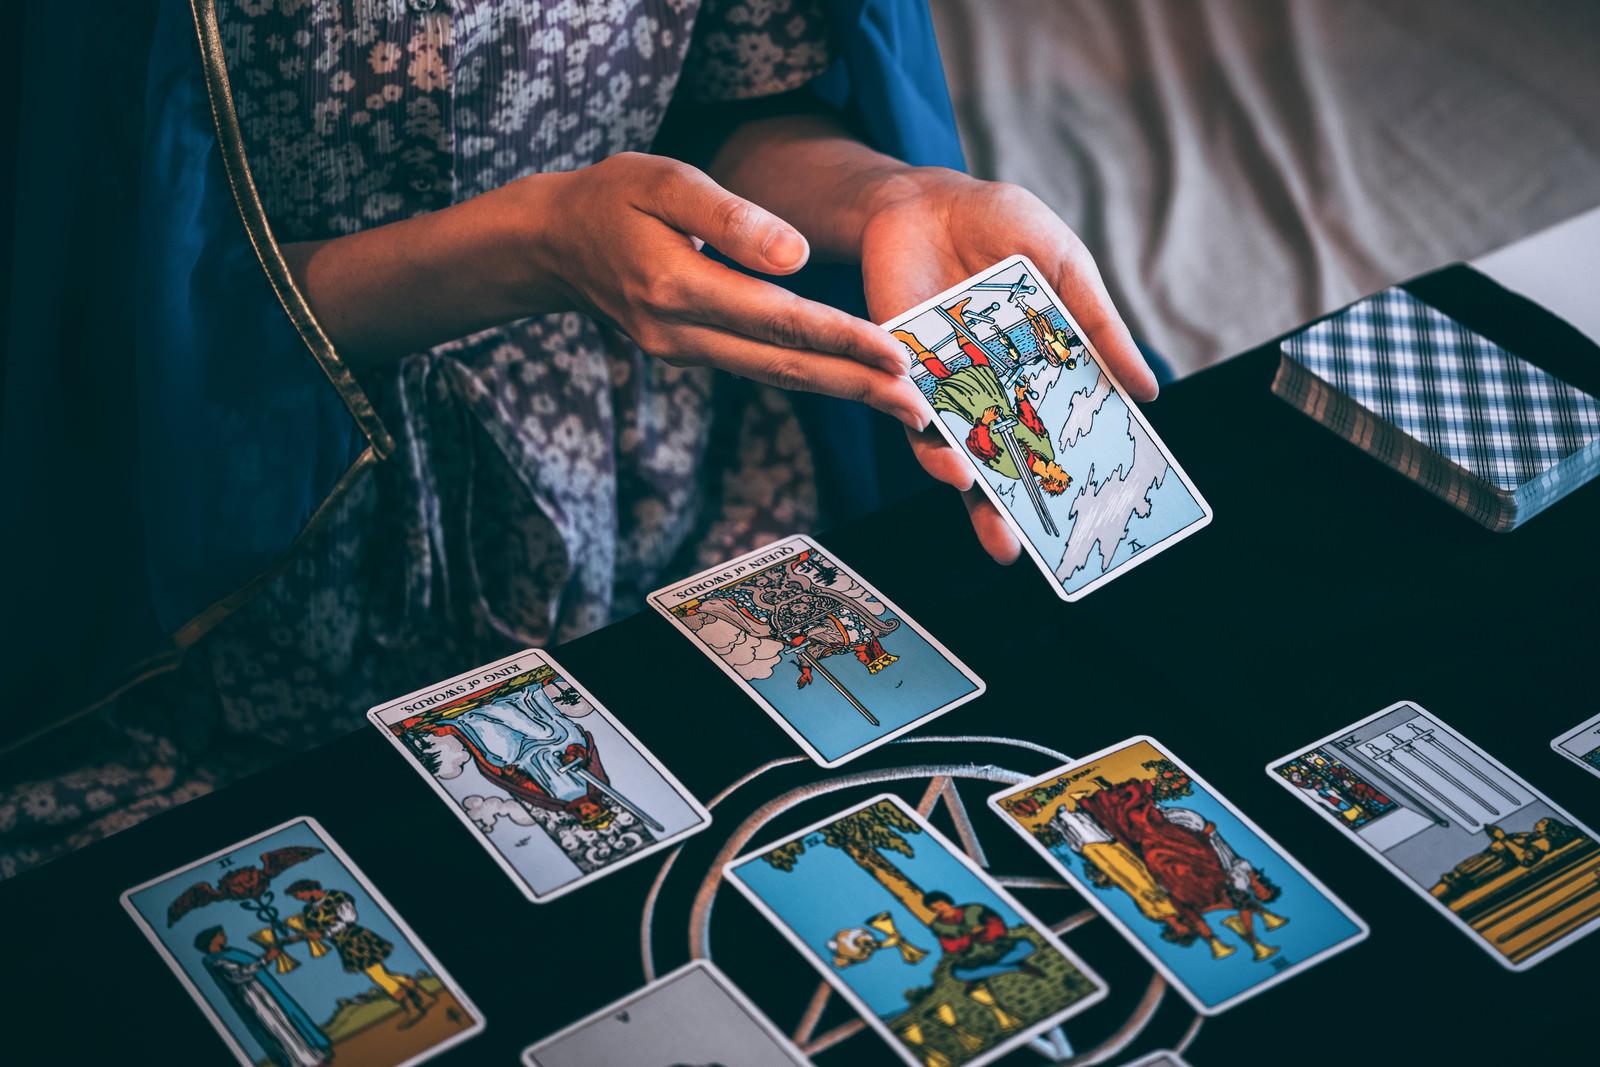 「タロットカードで運勢を占う」の写真